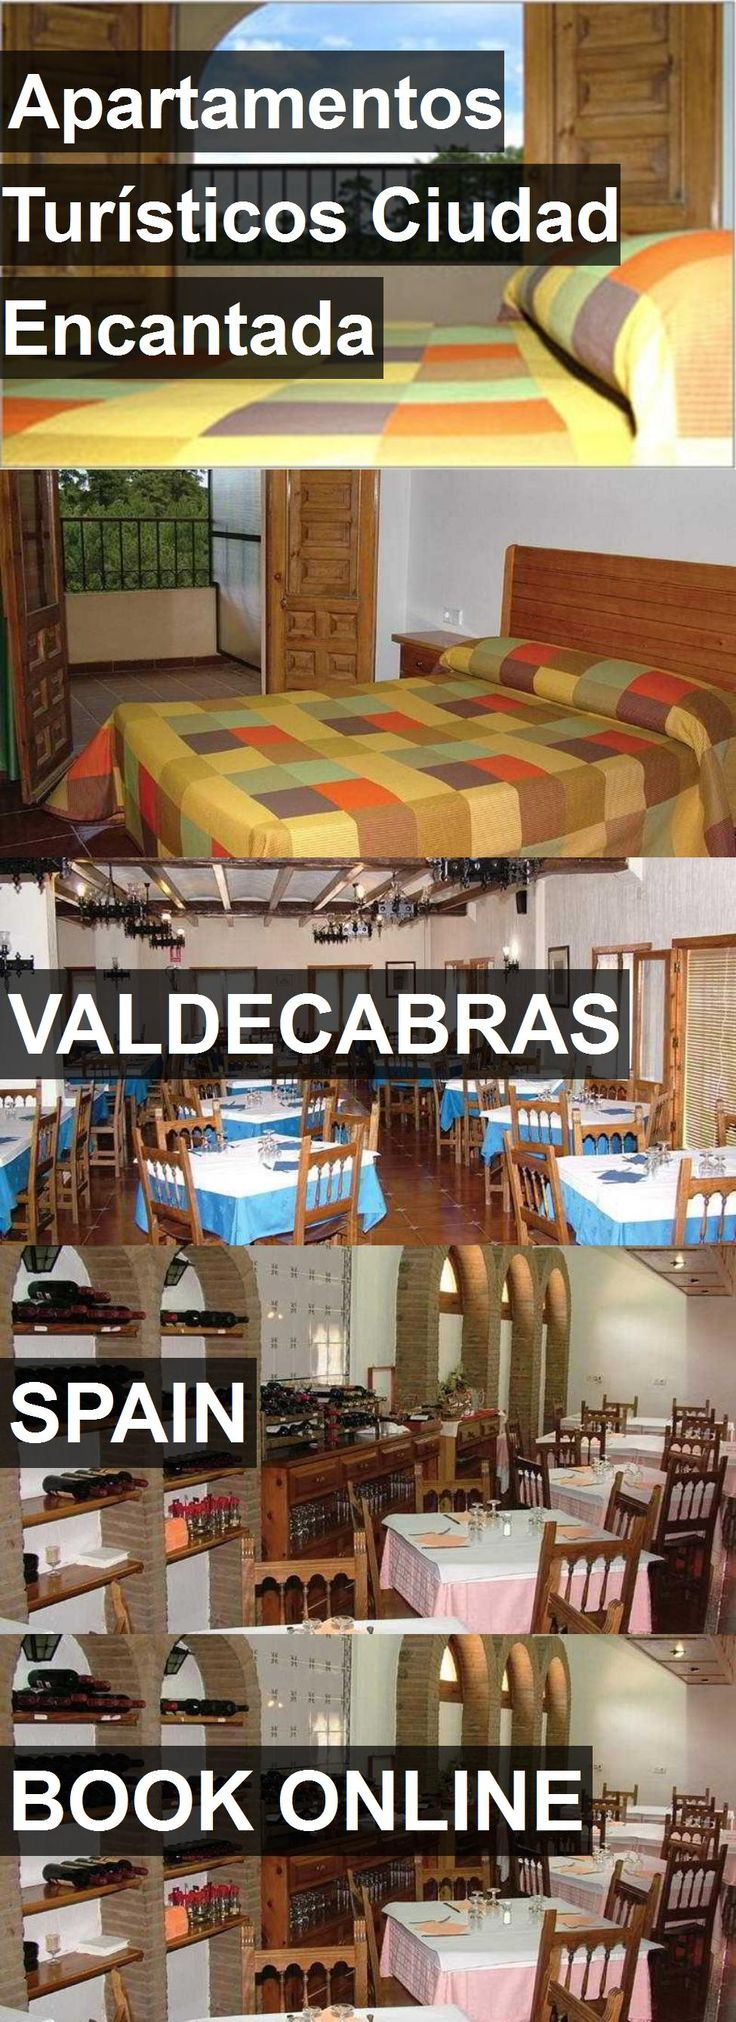 Hotel Apartamentos Turísticos Ciudad Encantada in Valdecabras, Spain. For more information, photos, reviews and best prices please follow the link. #Spain #Valdecabras #travel #vacation #hotel